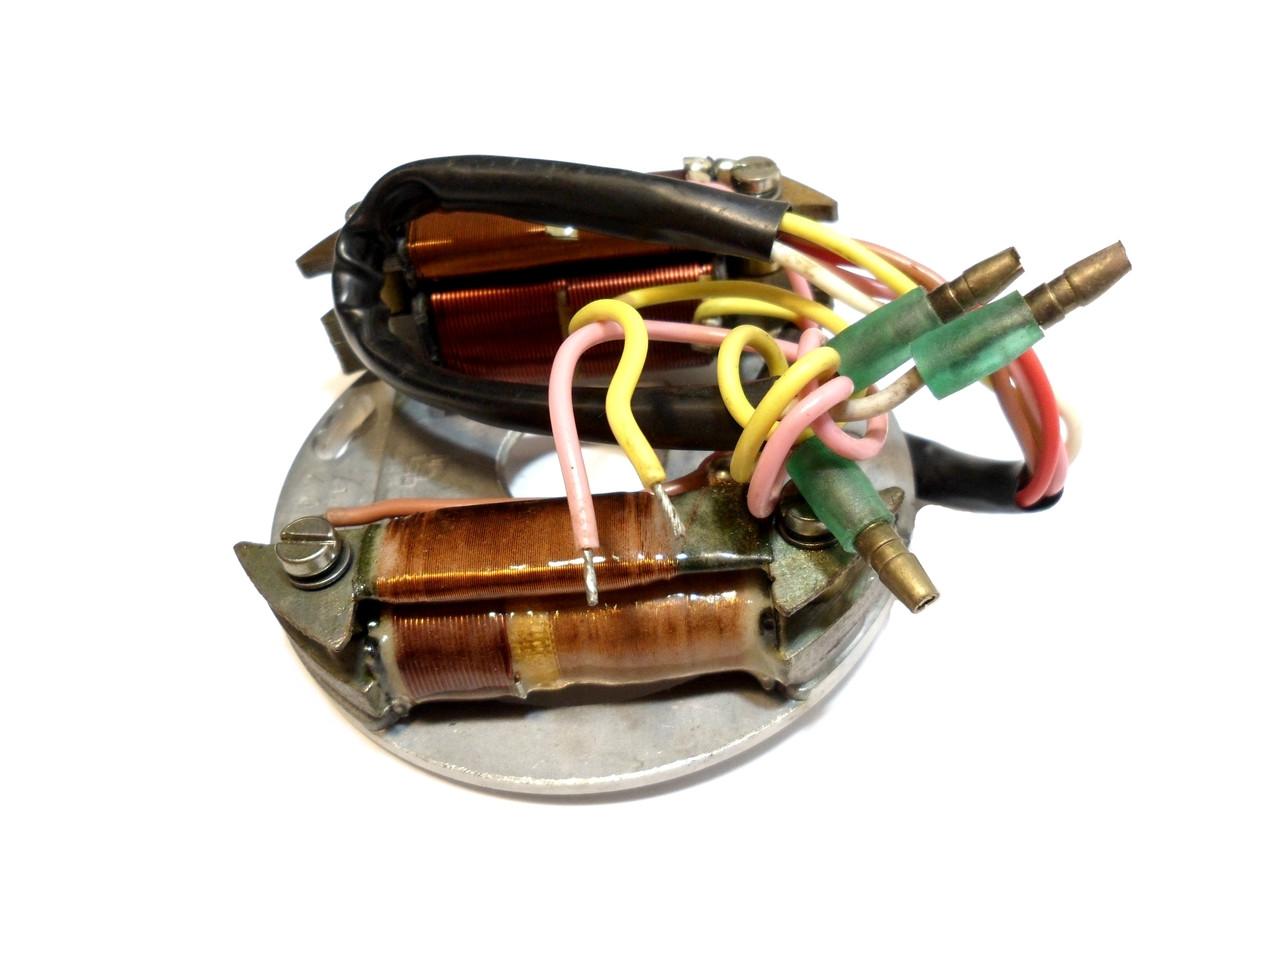 NOS Avanti 12 Volt 40 Watt CDI Flywheel Stator Plate, 5 Wire -